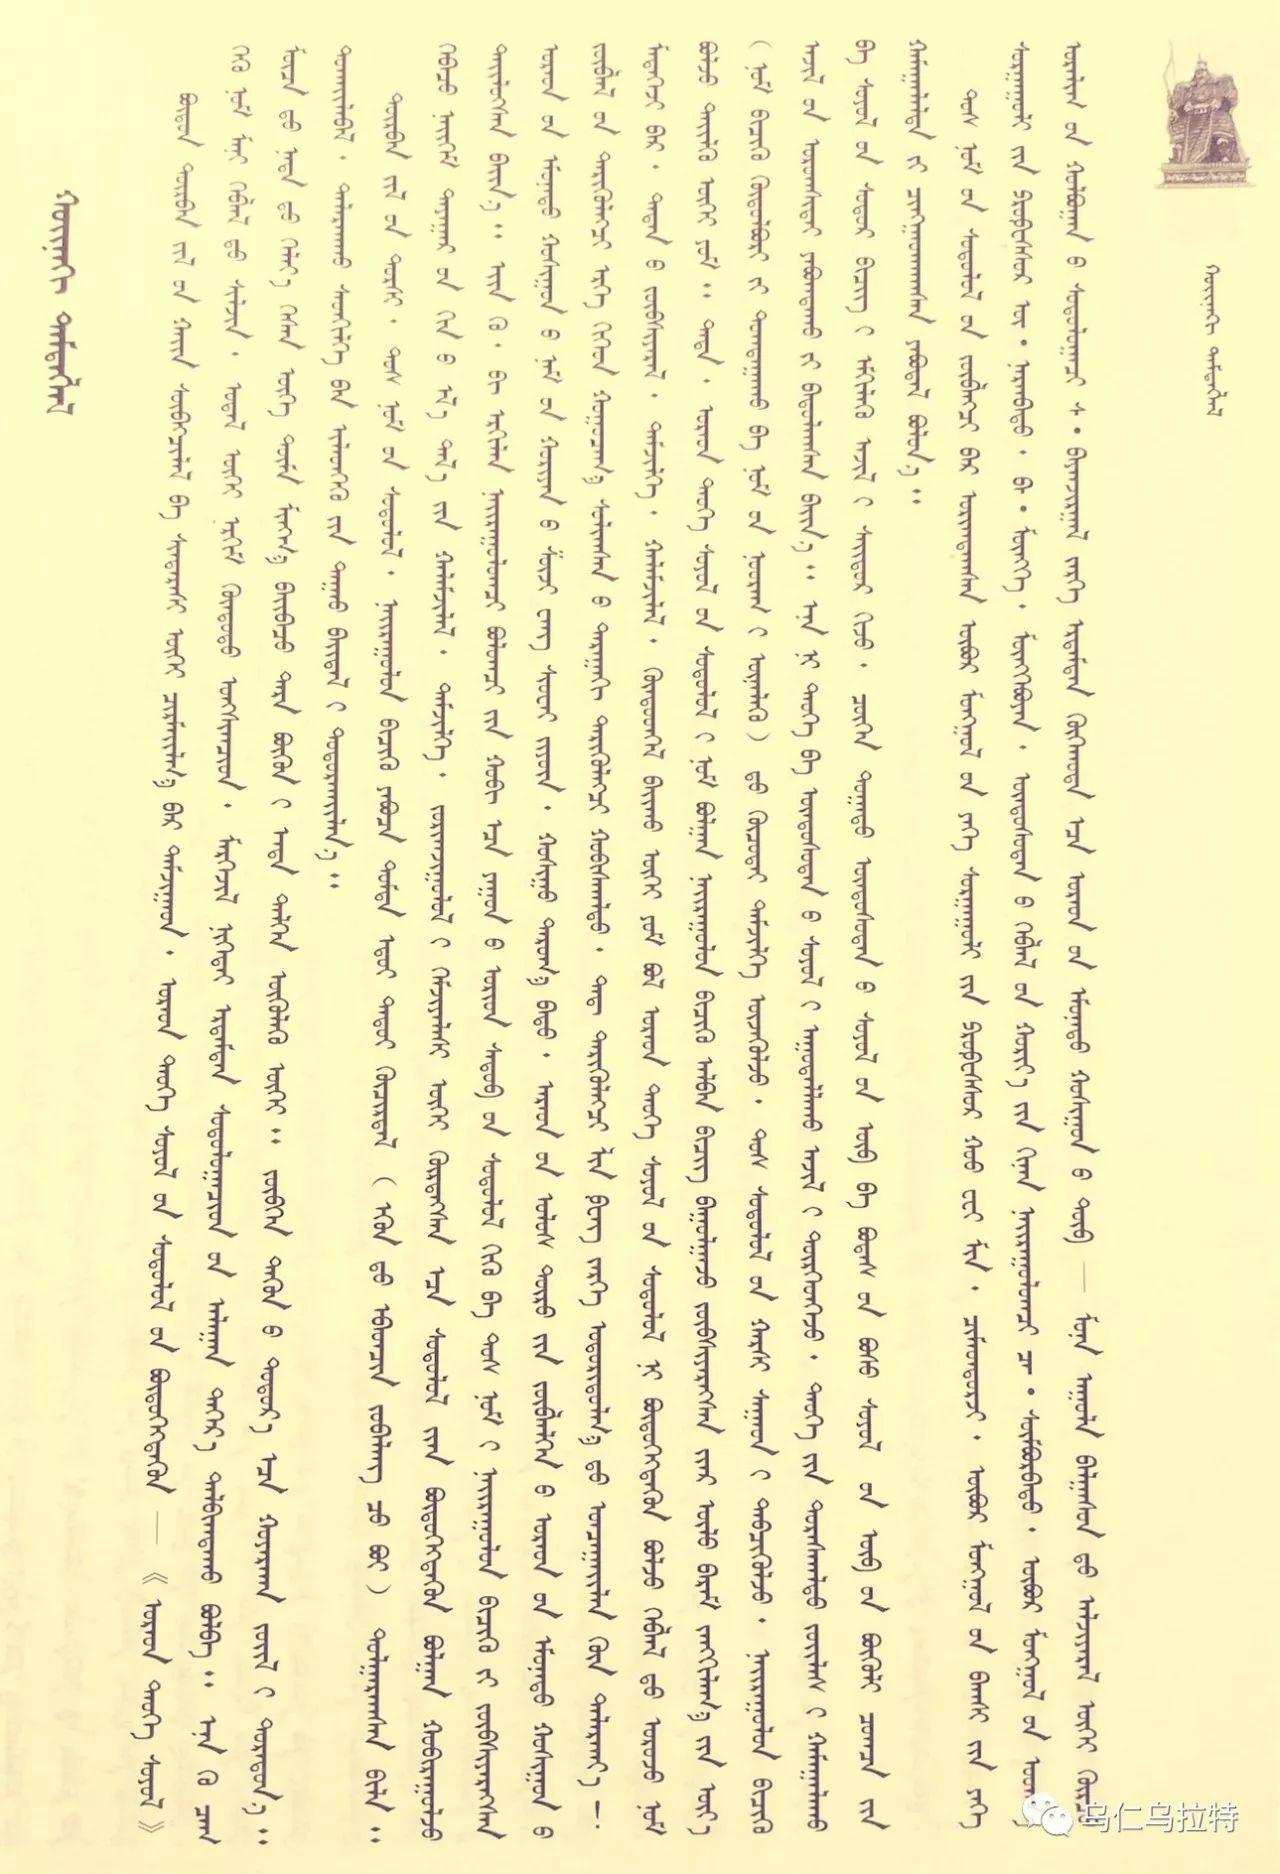 图书介绍《乌拉特历史文化》 第46张